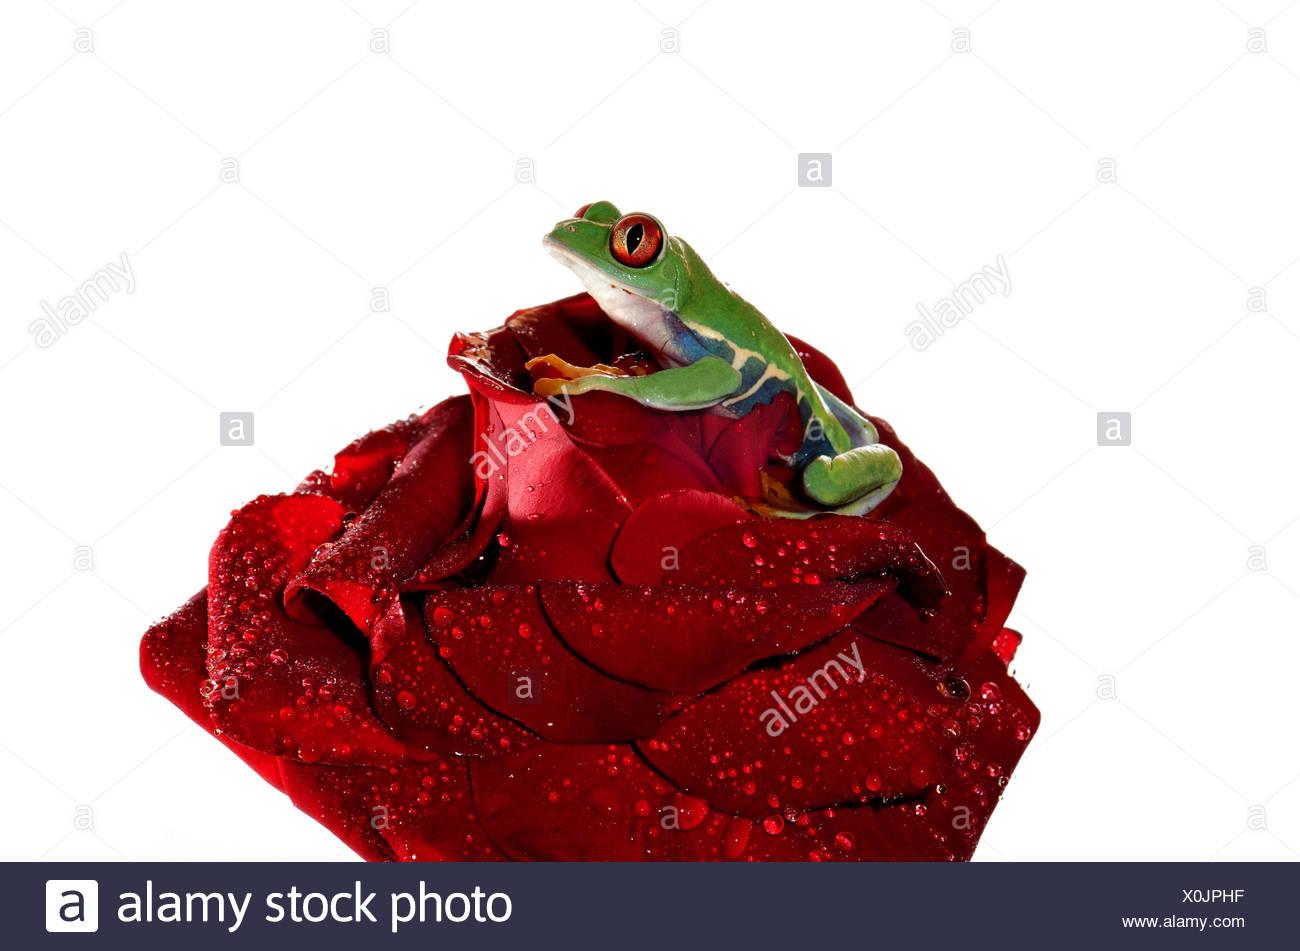 schöne beauteously schöne Blume rose Pflanze Frosch Südamerika Farbe ...